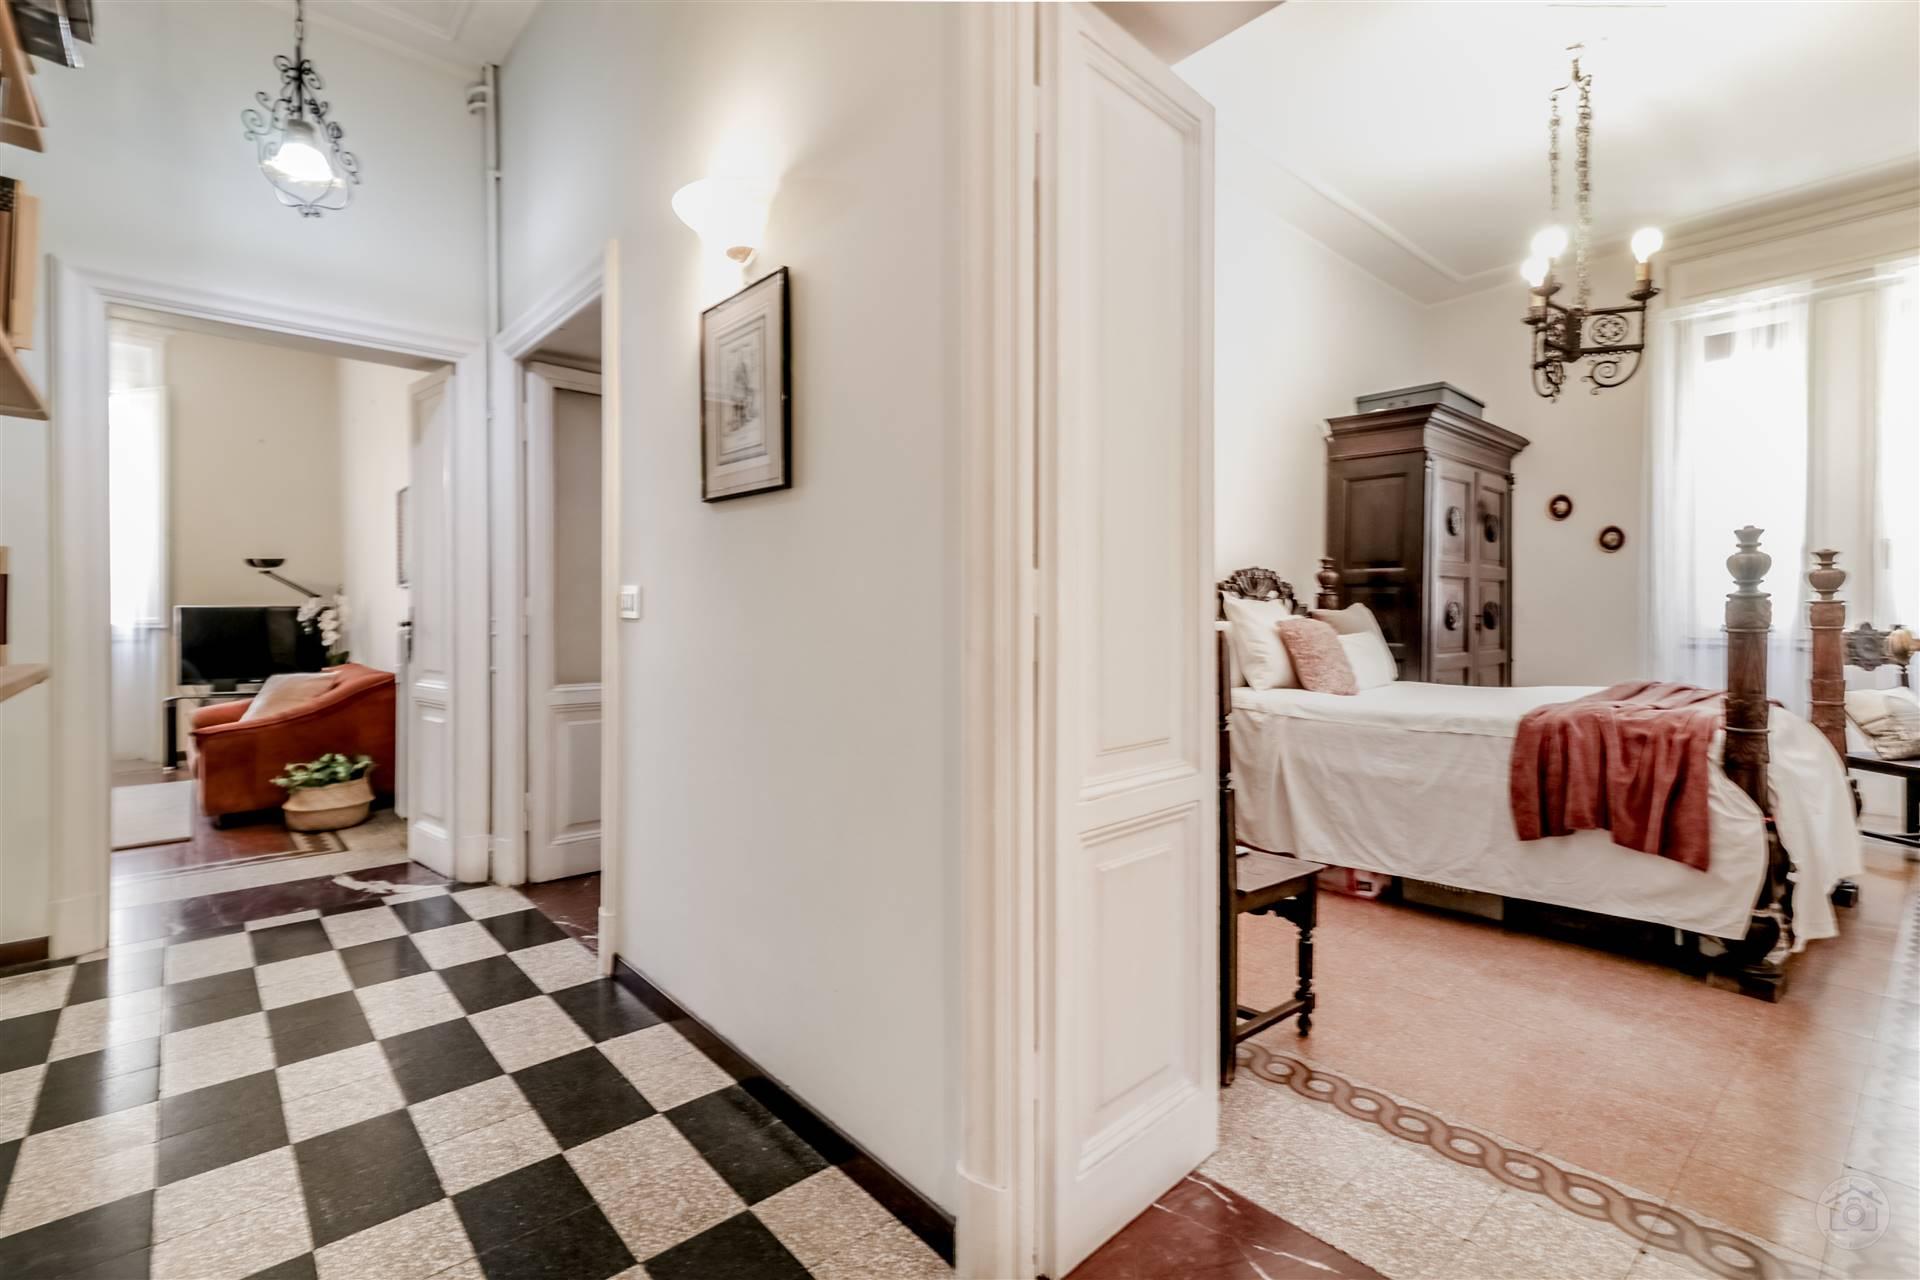 Appartamento in vendita a Roma, 5 locali, zona Zona: 4 . Nomentano, Bologna, Policlinico, prezzo € 665.000   CambioCasa.it